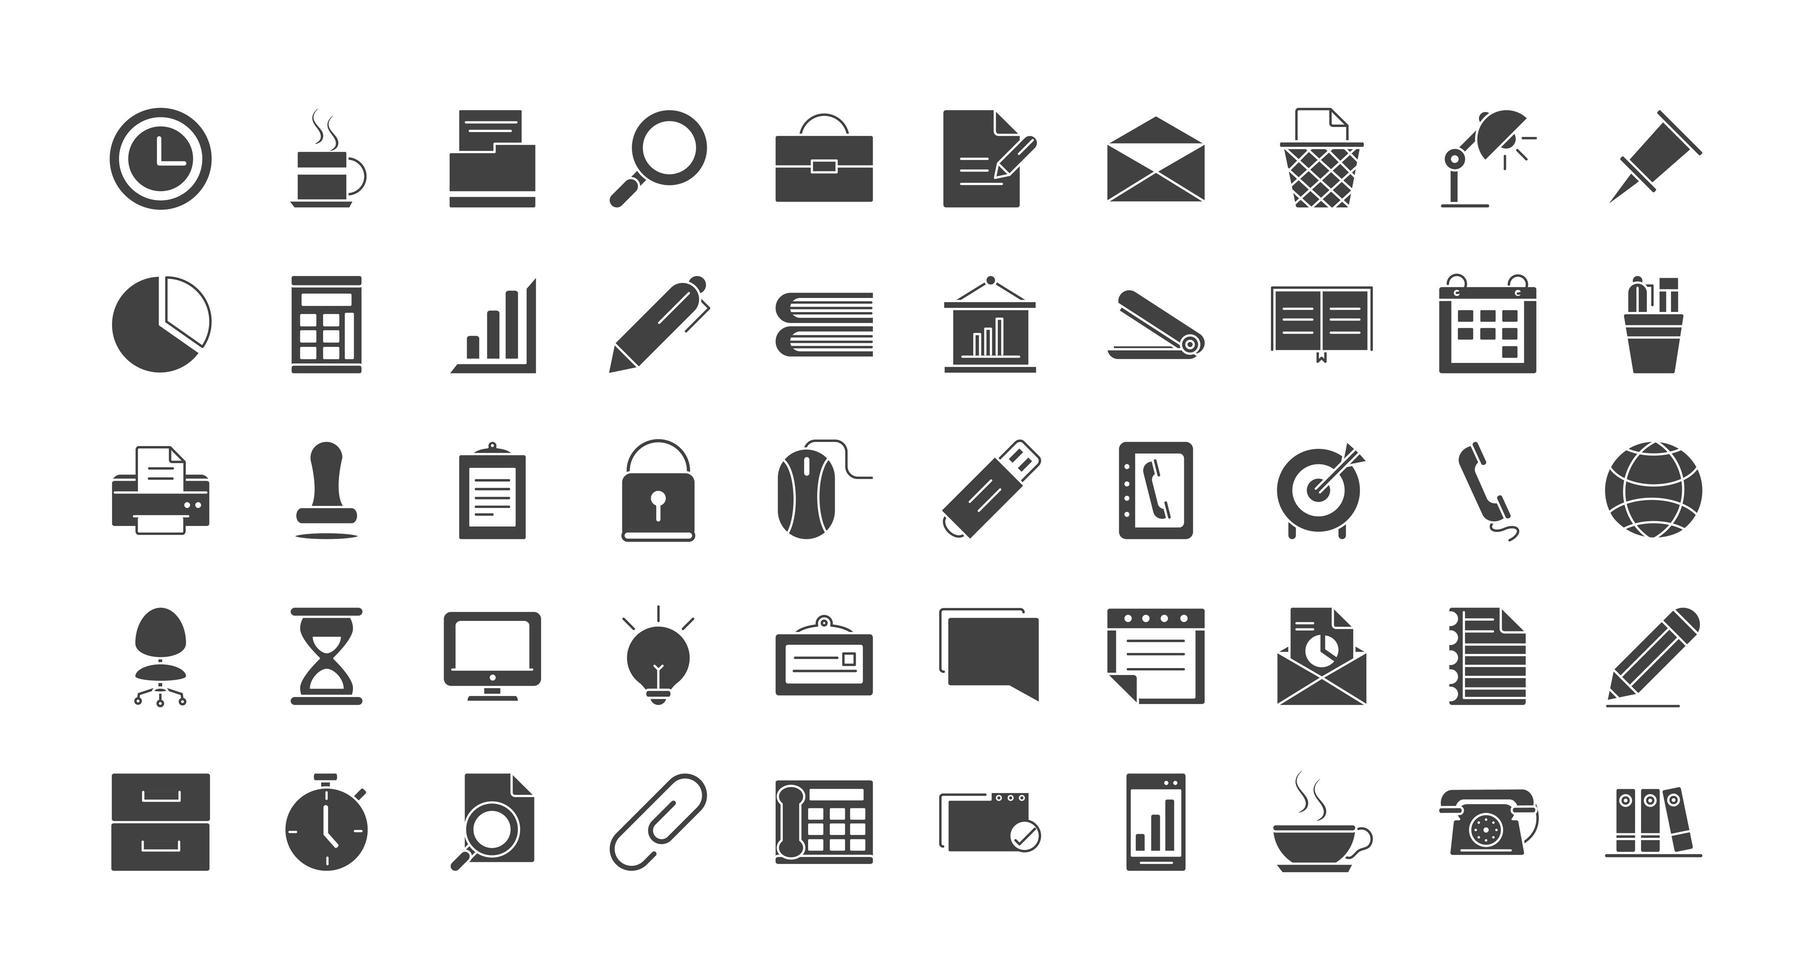 conjunto de ícones de silhueta de material de escritório e papelaria vetor